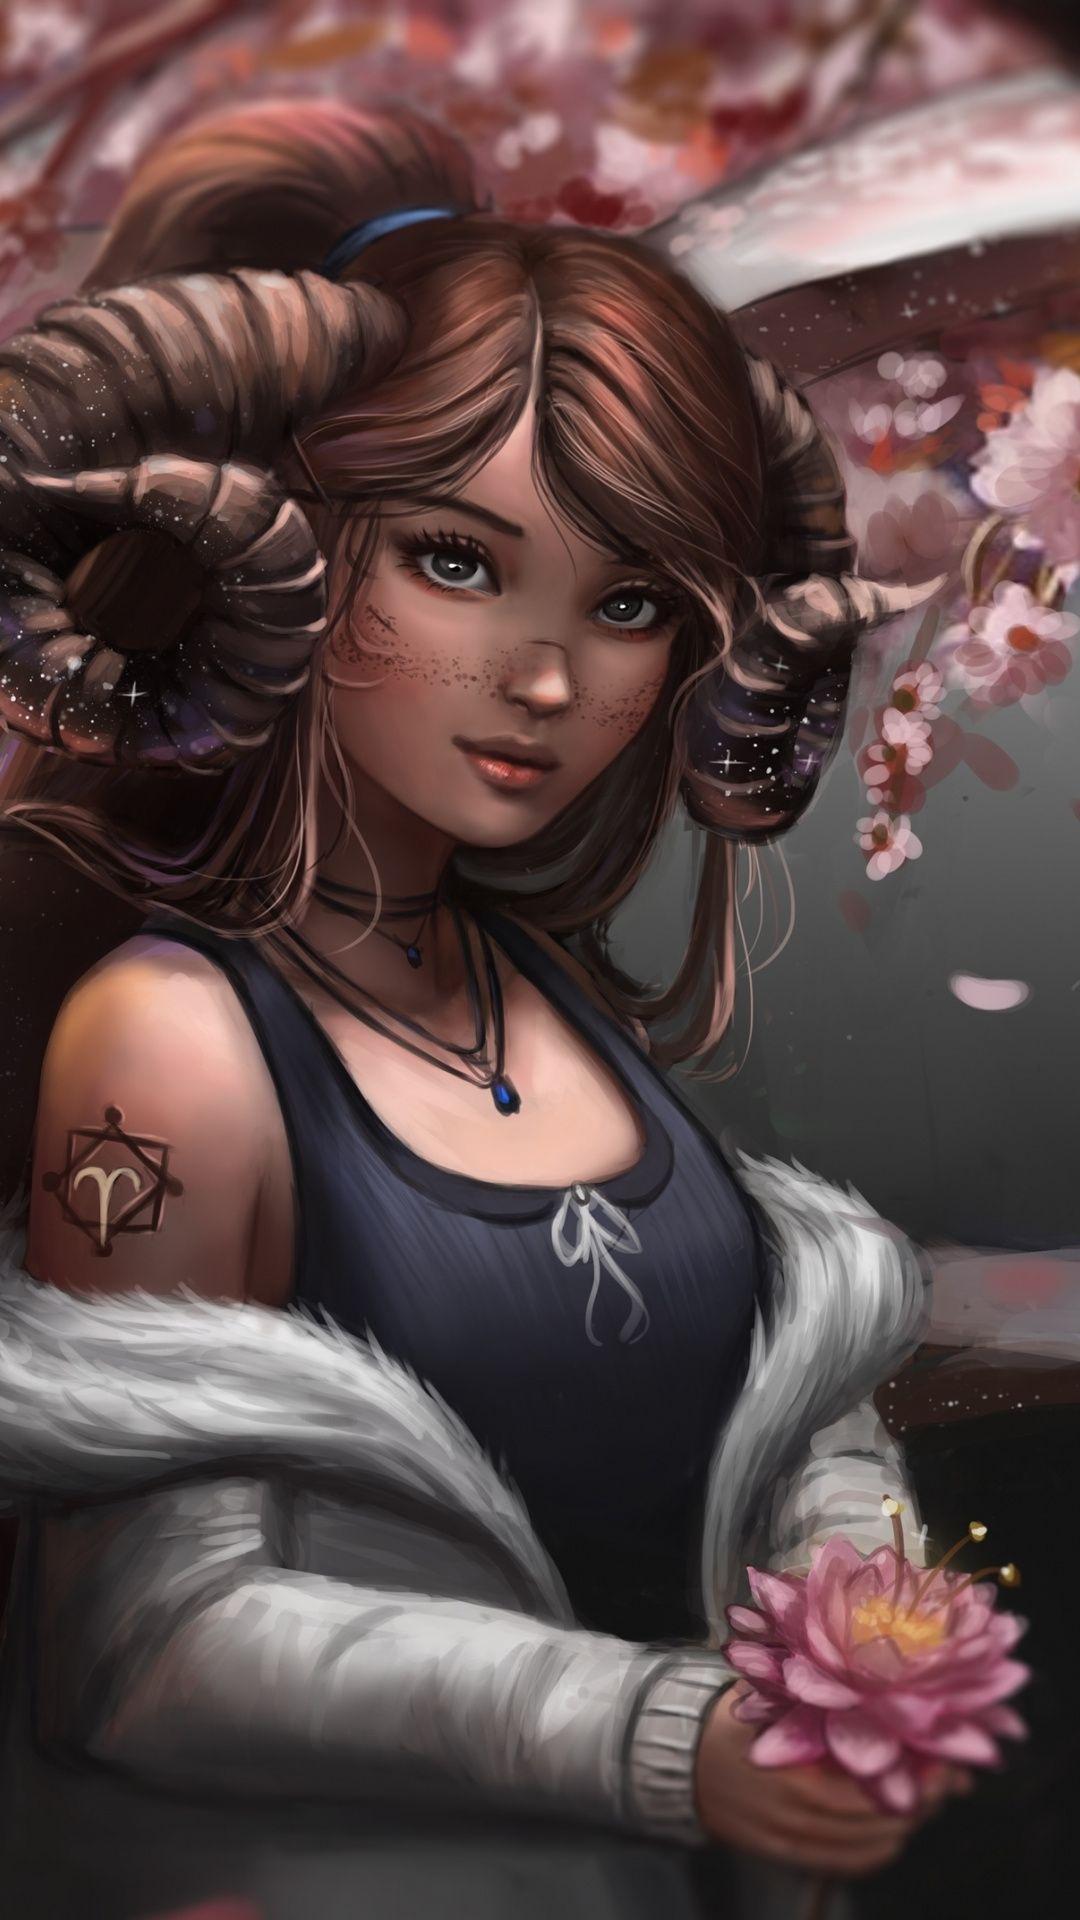 1080x1920 Fantasy Aries Girl Art Wallpaper Aries Art Aries Wallpaper Aries Aesthetic